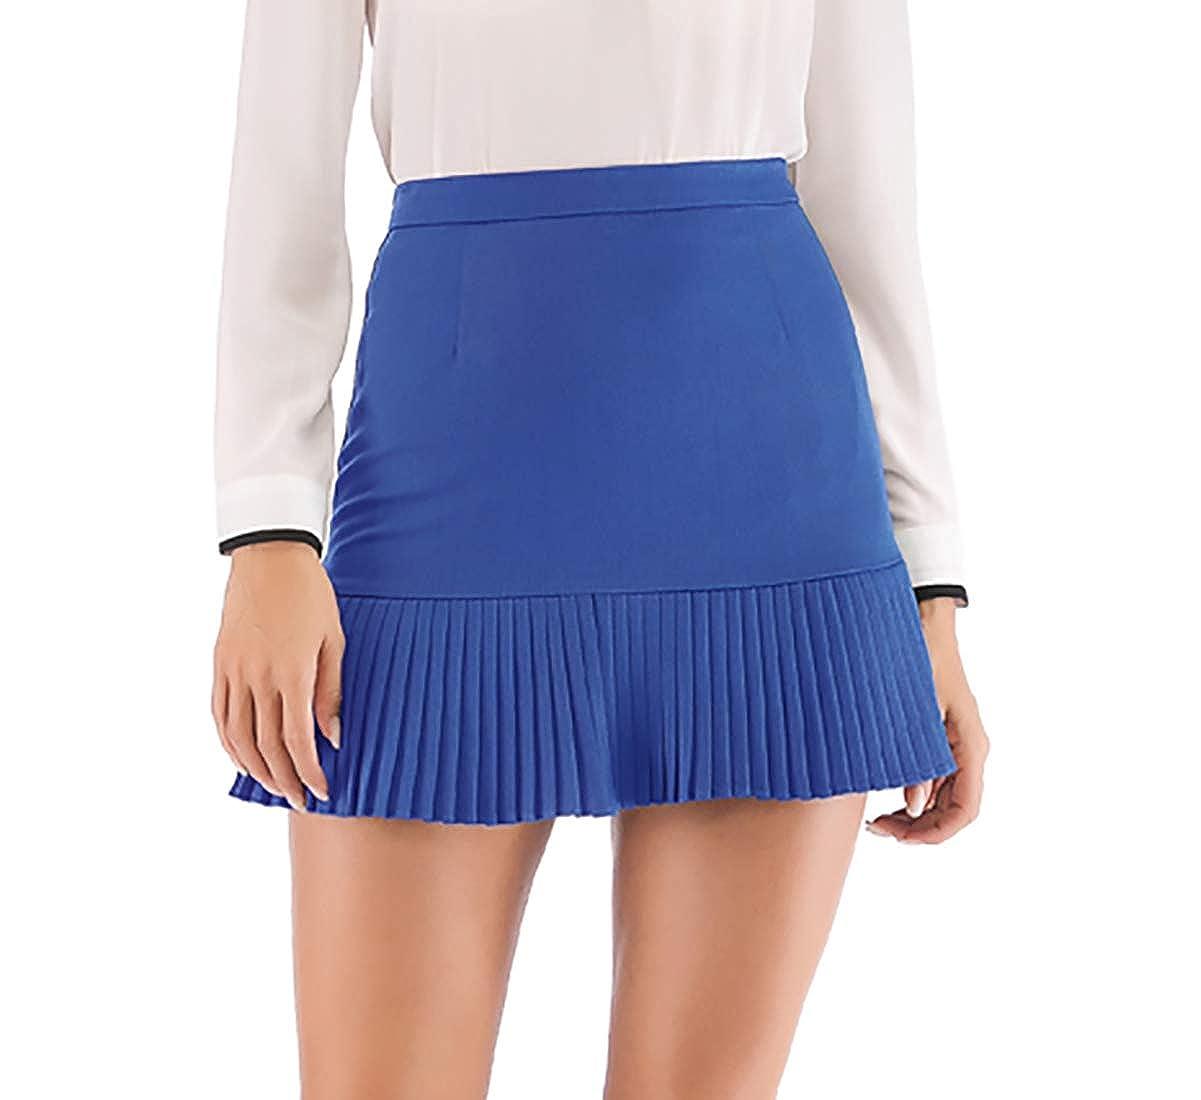 bluee Hanlolo Women's Ruffle Mini Skirt Flared Hem High Waist Short A Line Skirts